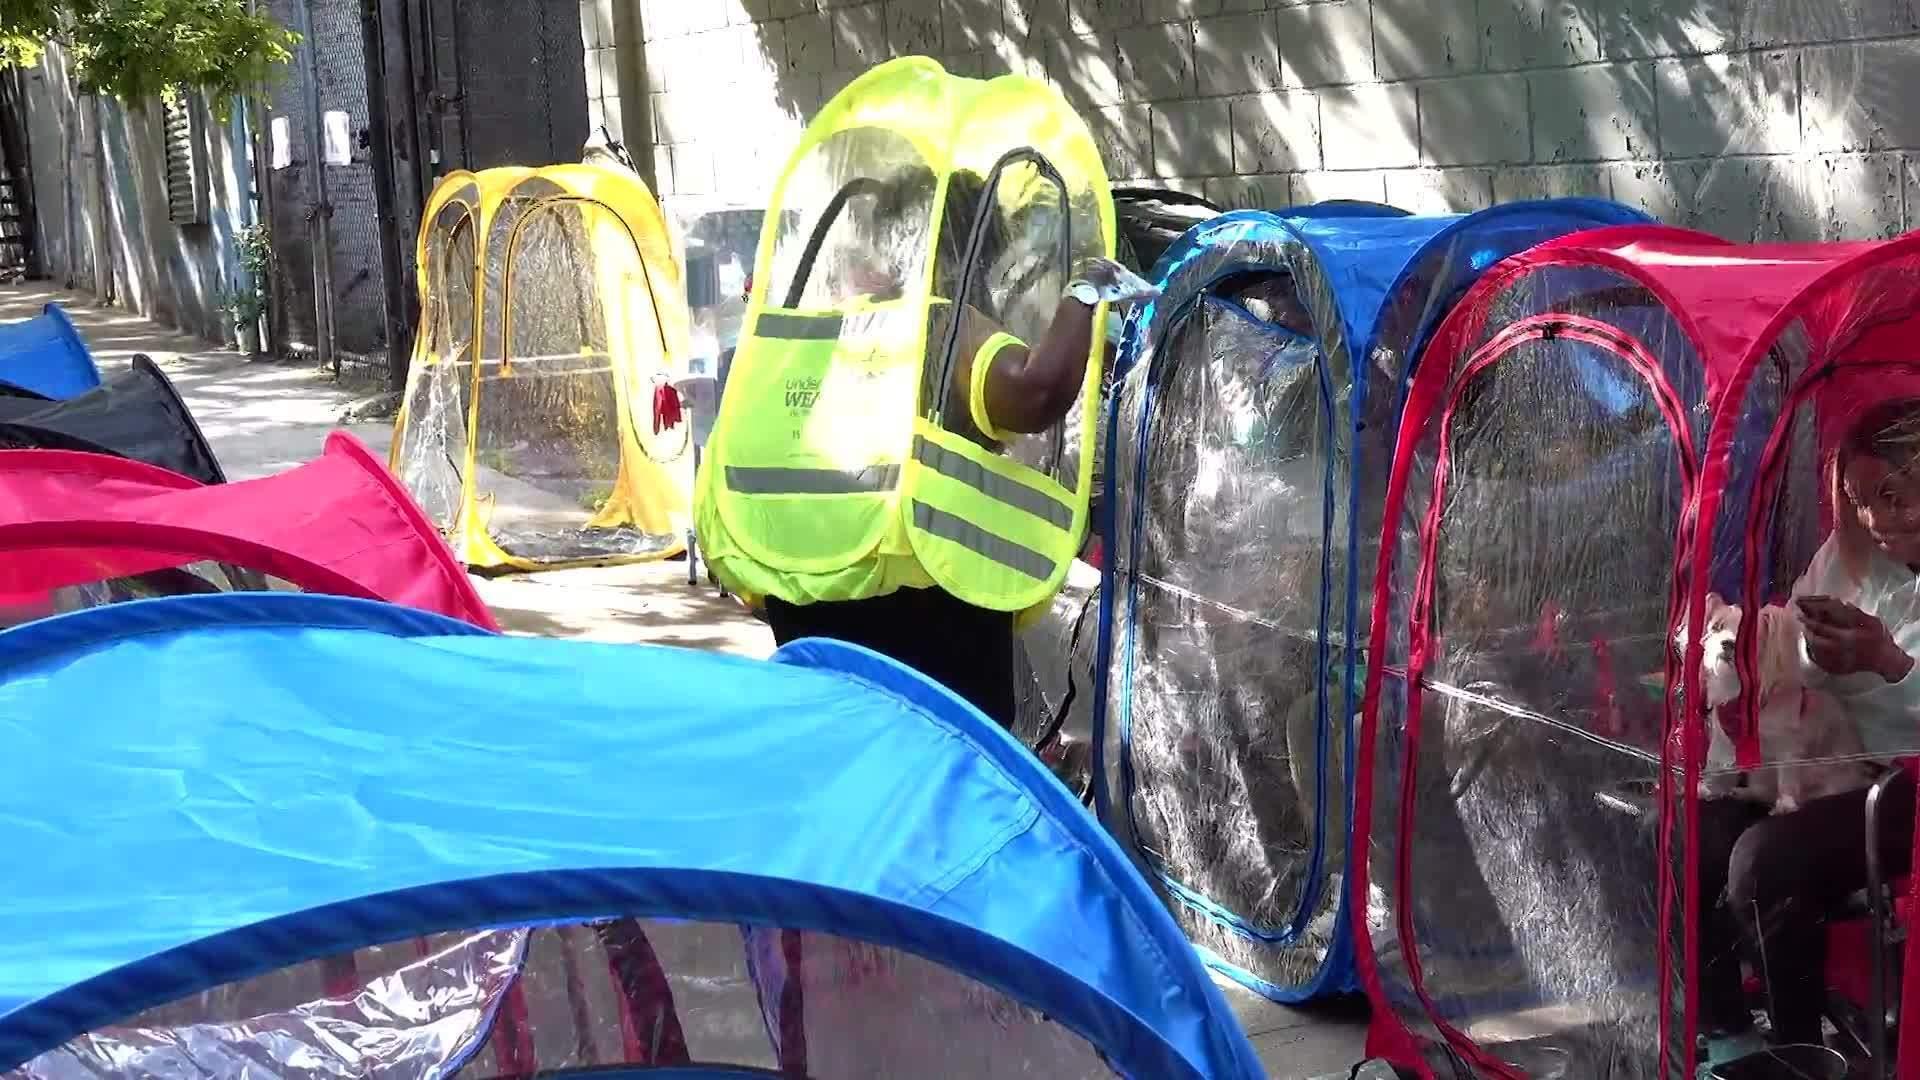 Patuhi Physical Distancing, Warga Kota New York Berpesta dalam Tenda Kecil